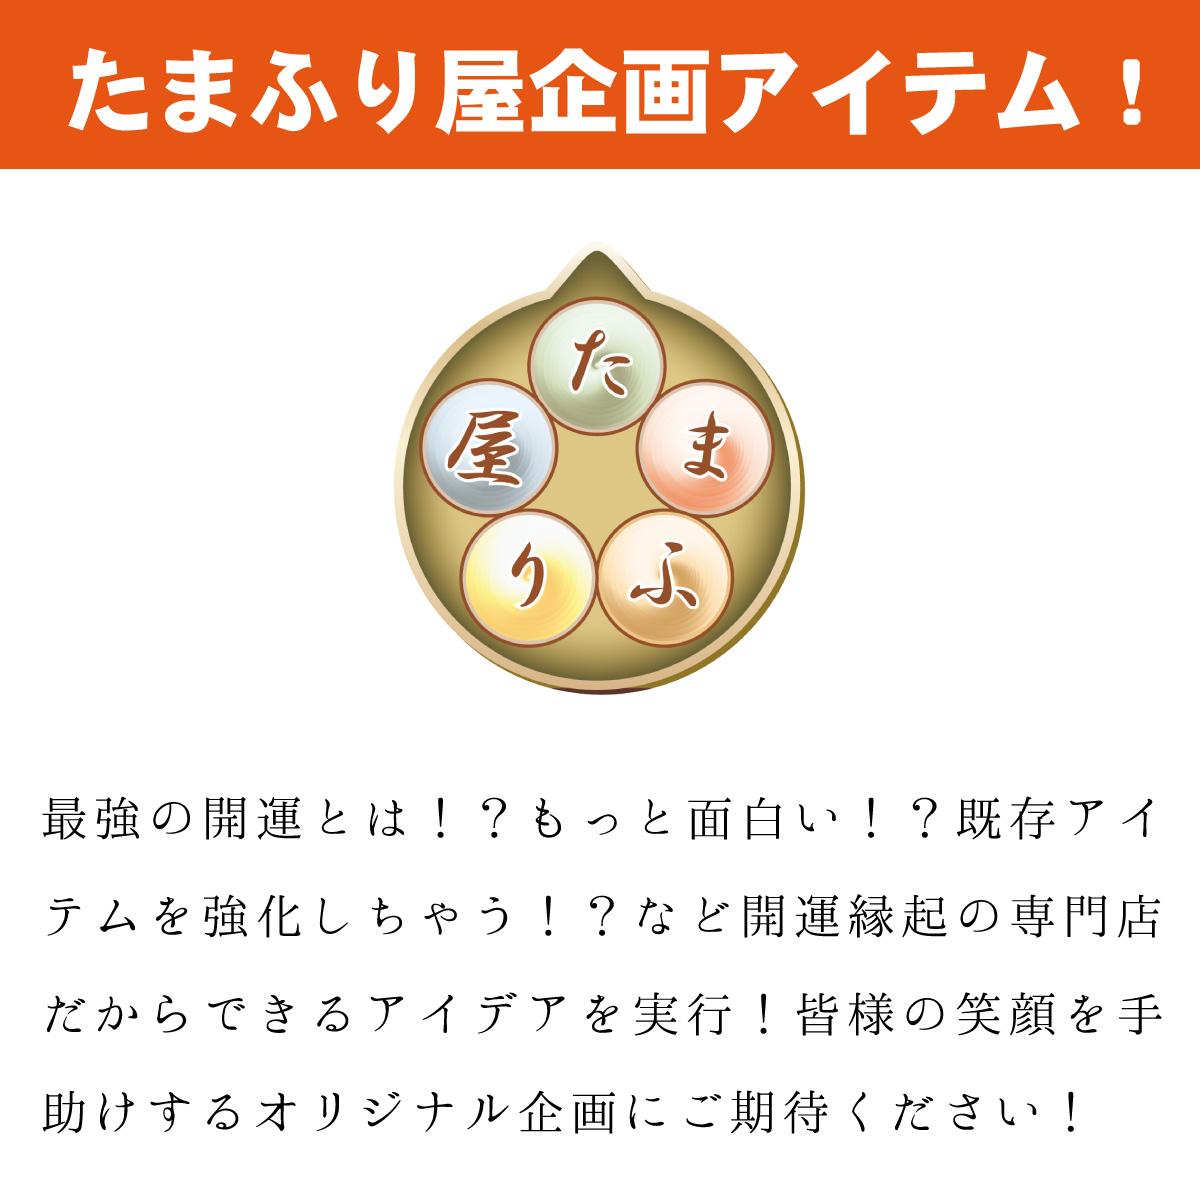 八方厄除『石敢當』〜金運の黄金イエロー